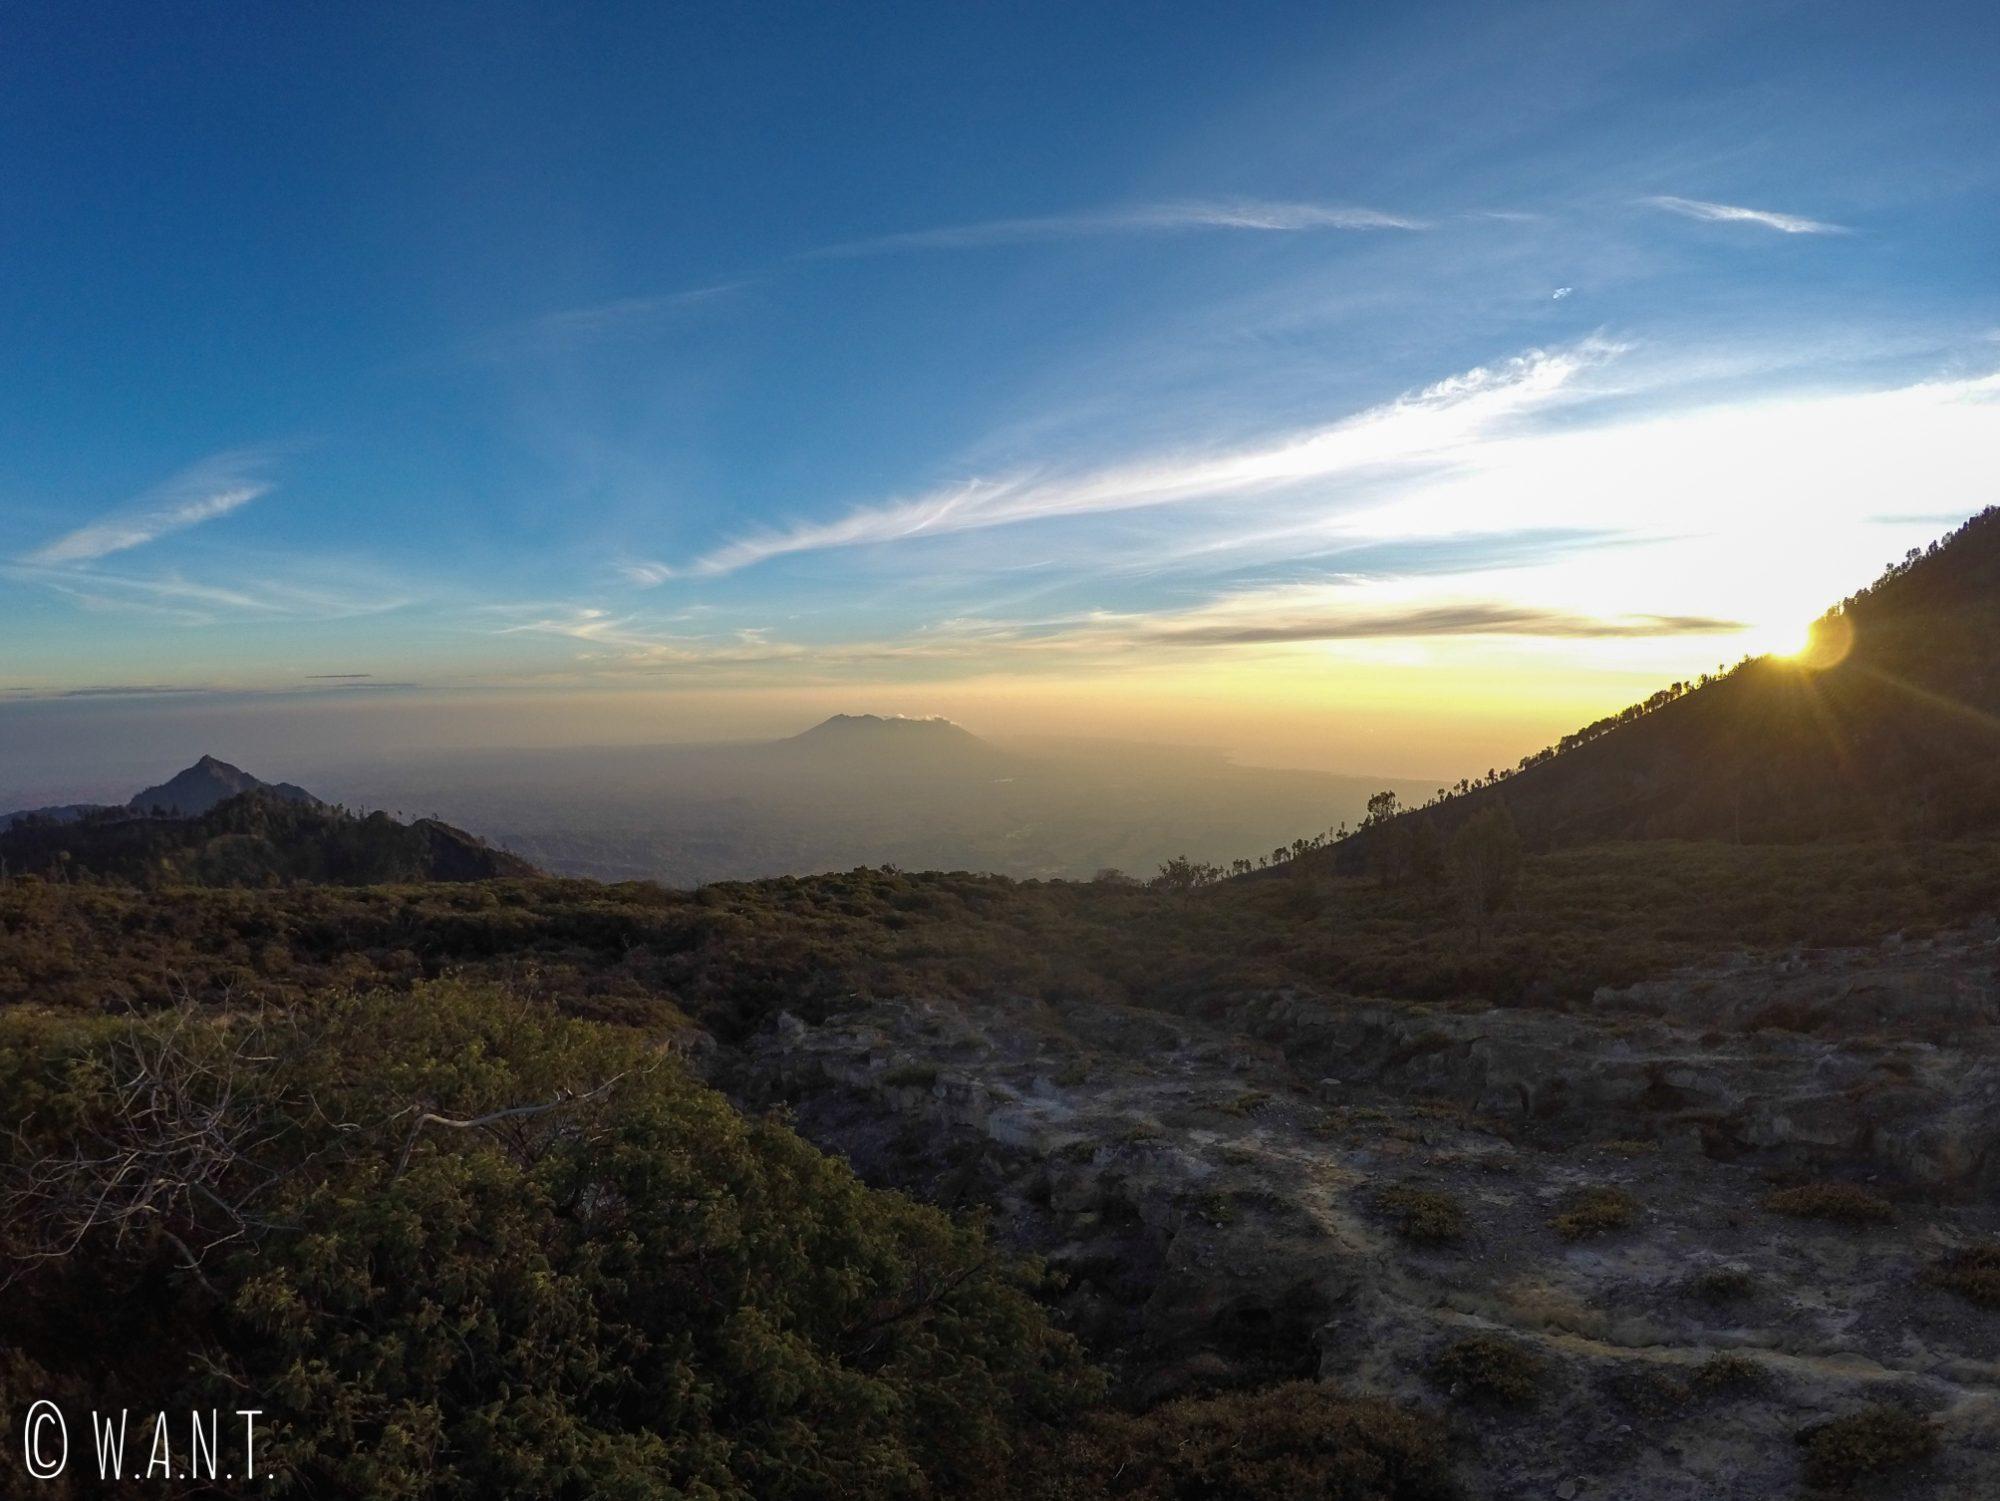 Lever de soleil avec en toile de fond le Gunung Baluran